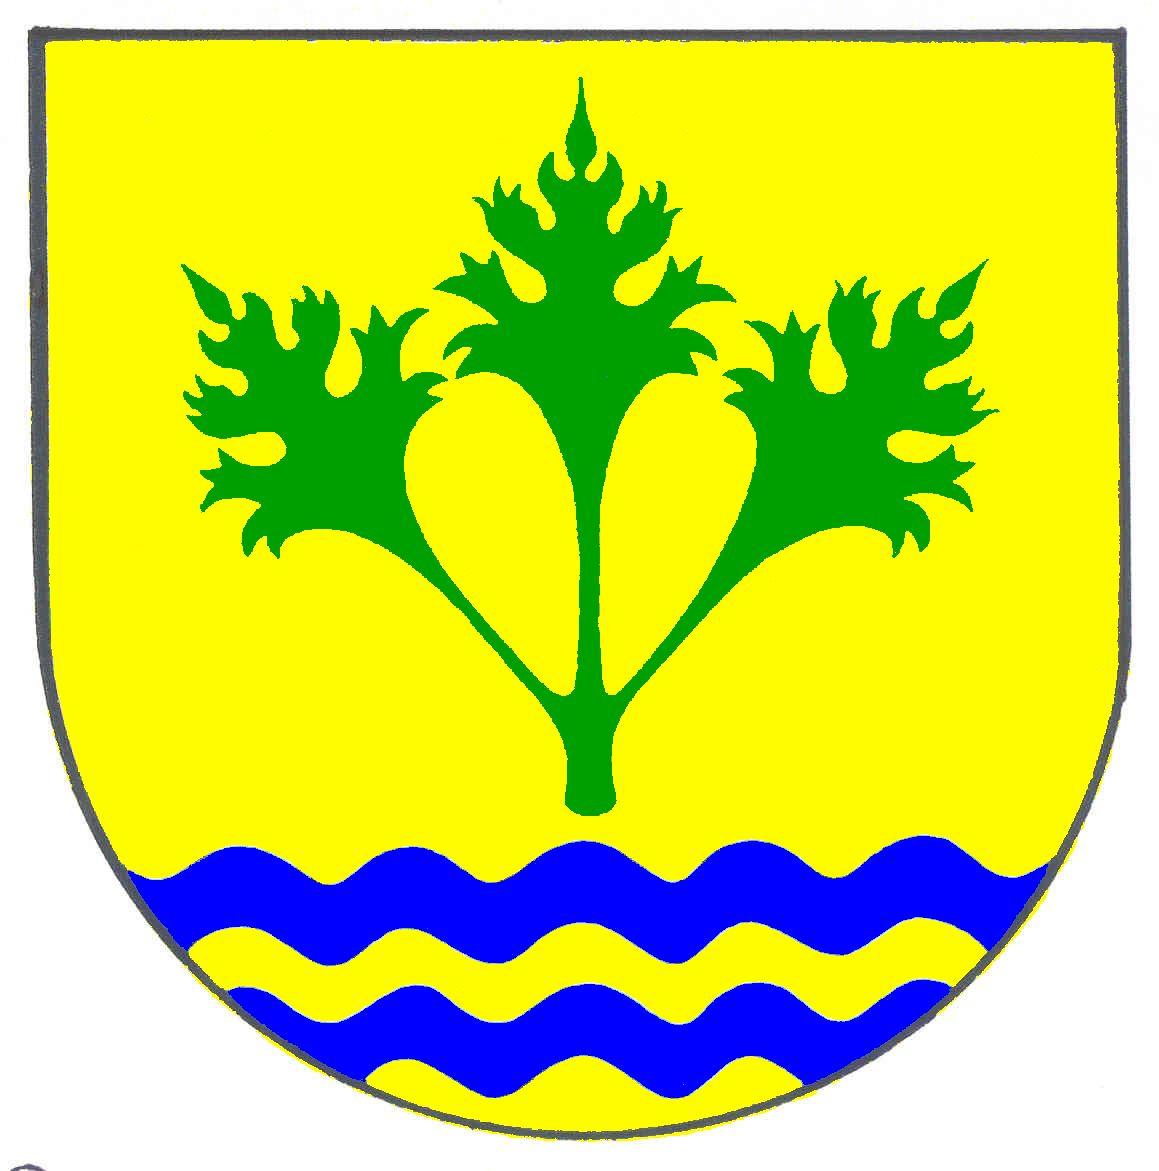 Wappen GemeindeMüssen, Kreis Herzogtum Lauenburg